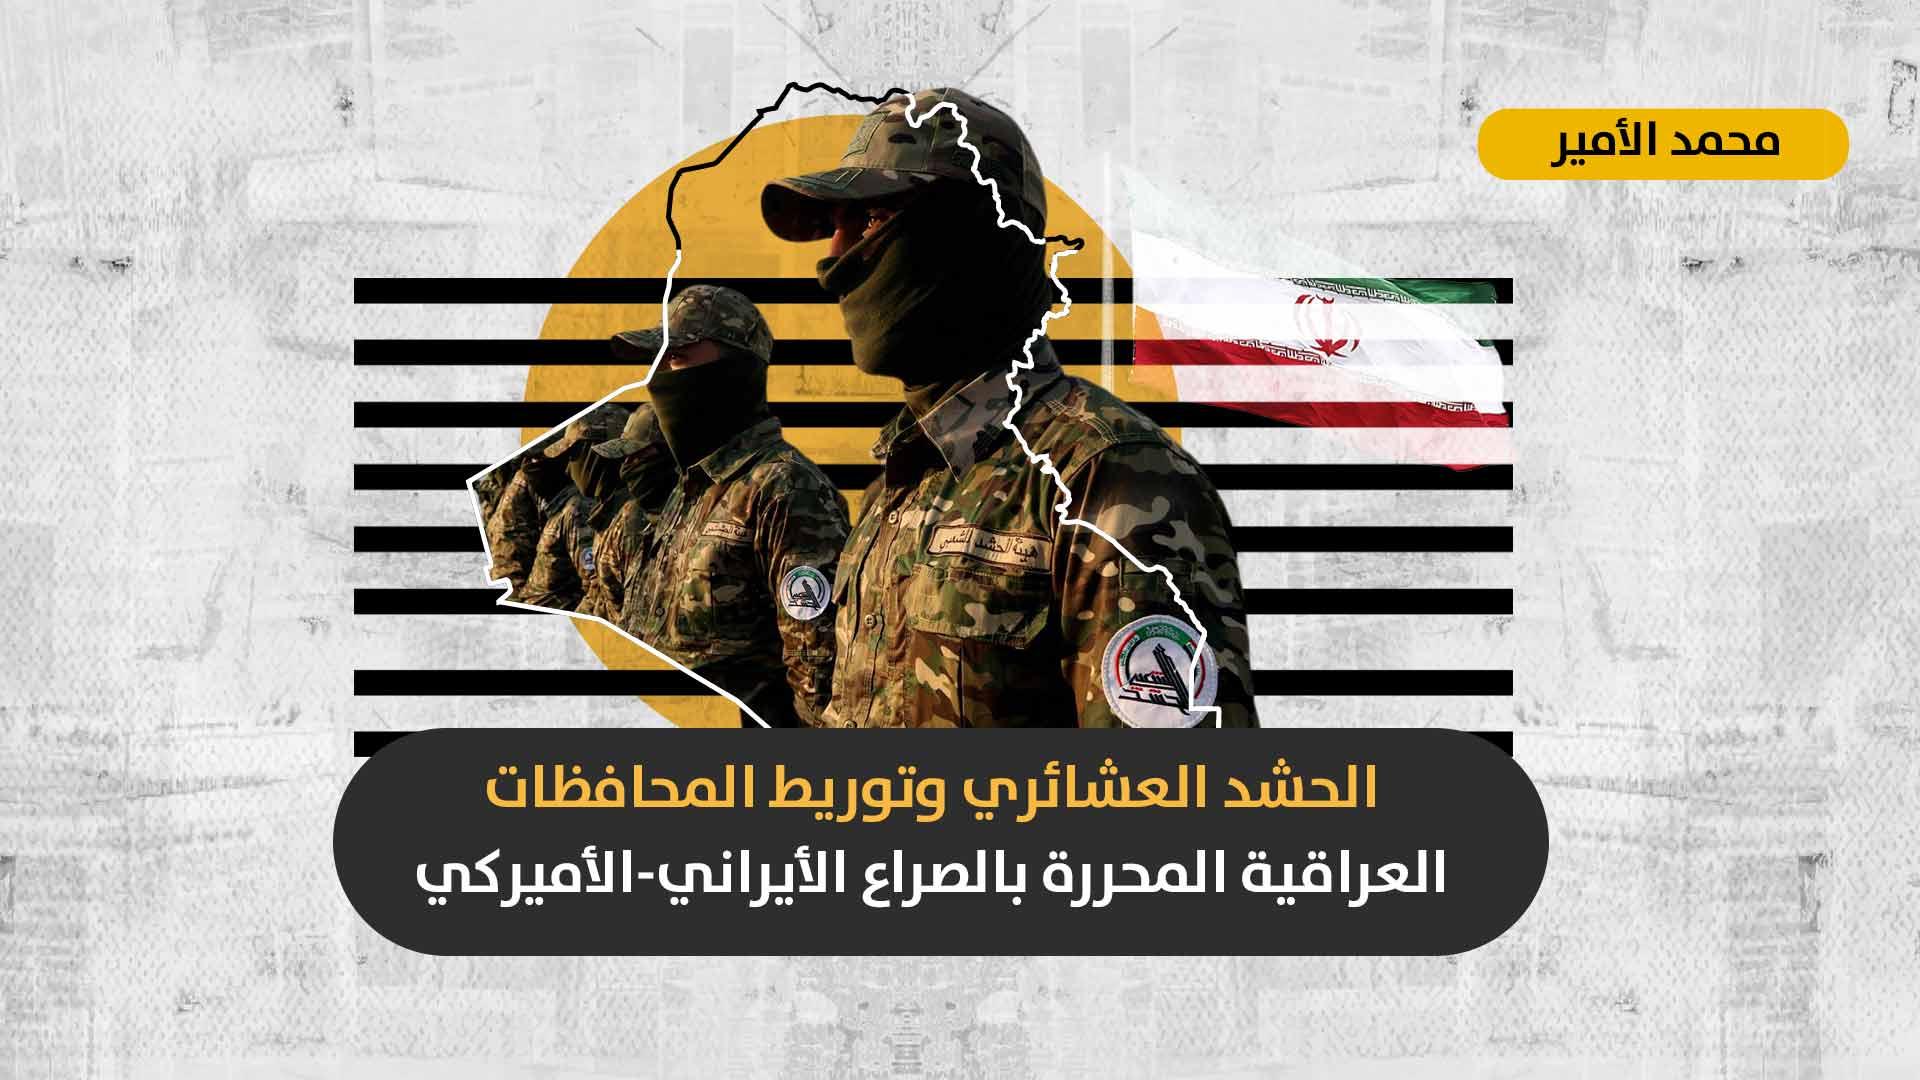 """بعد قصف """"عين أسد"""": هل تستهدف إيران أميركا في العراق عبر الحشود العشائرية السنيّة؟"""